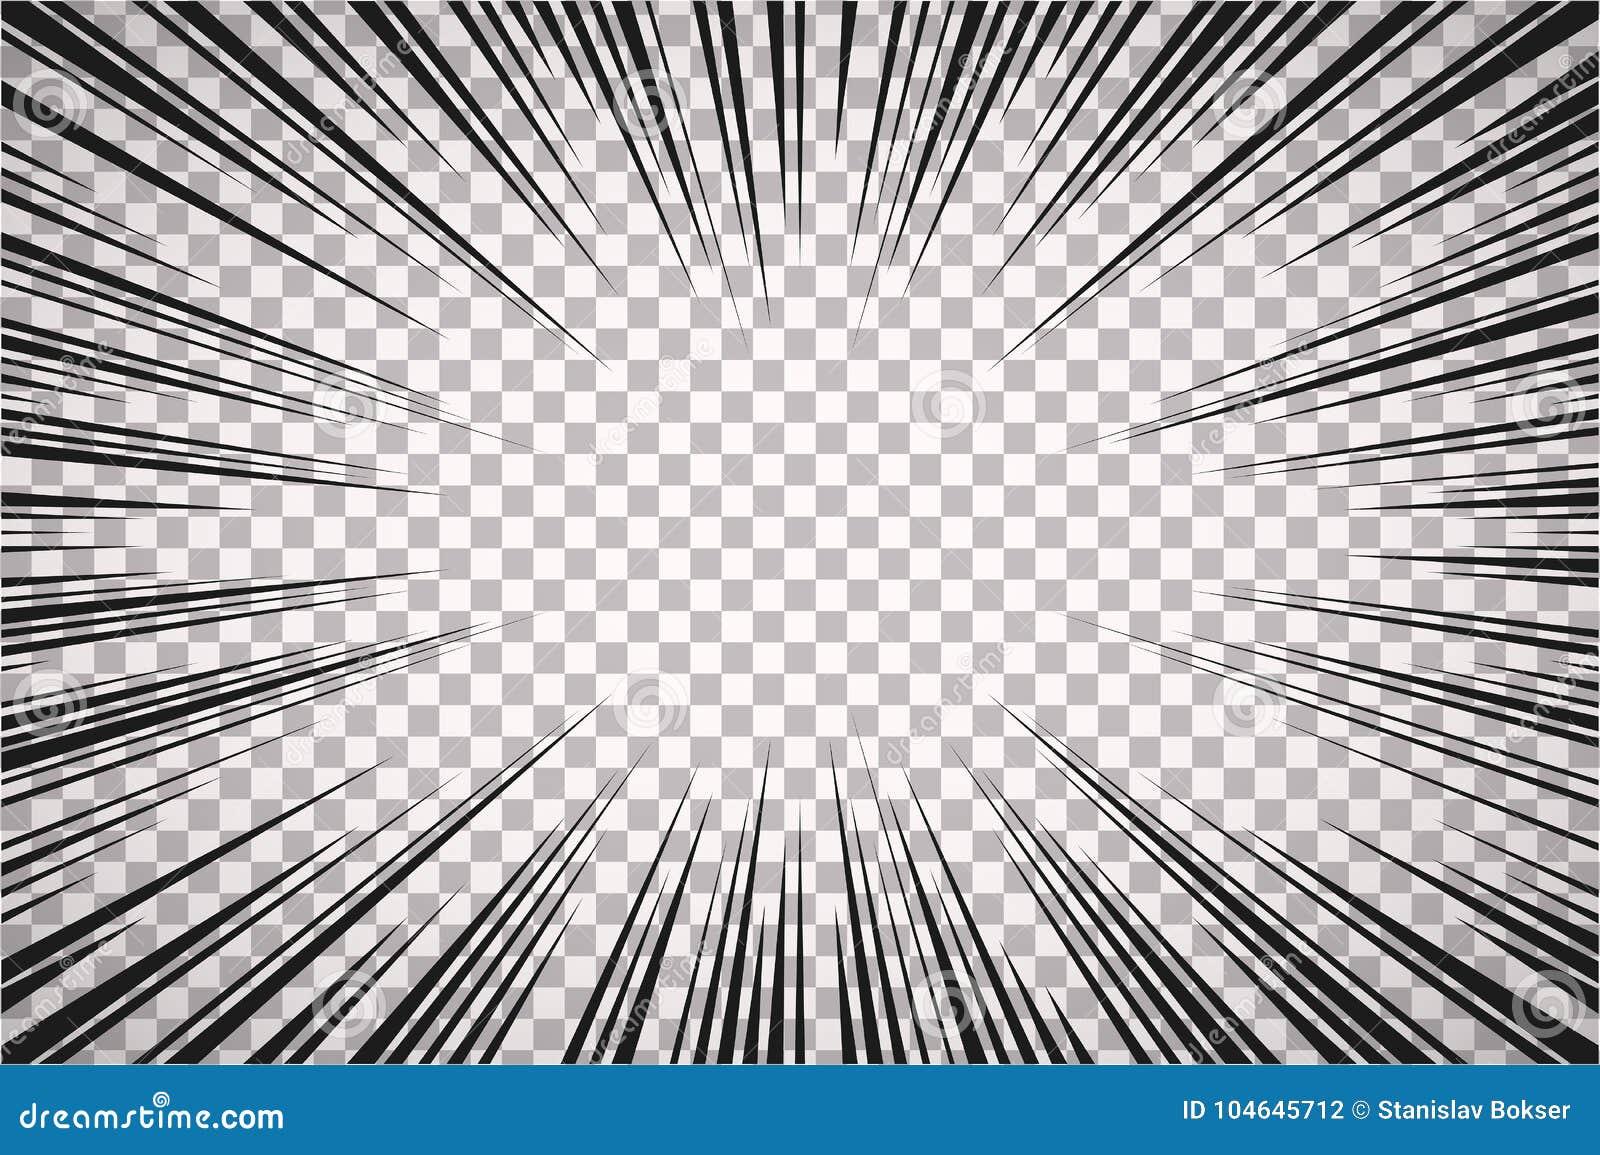 Lo stile radiale in bianco e nero dei fumetti allinea su fondo trasparente L azione di manga, accelera l estratto